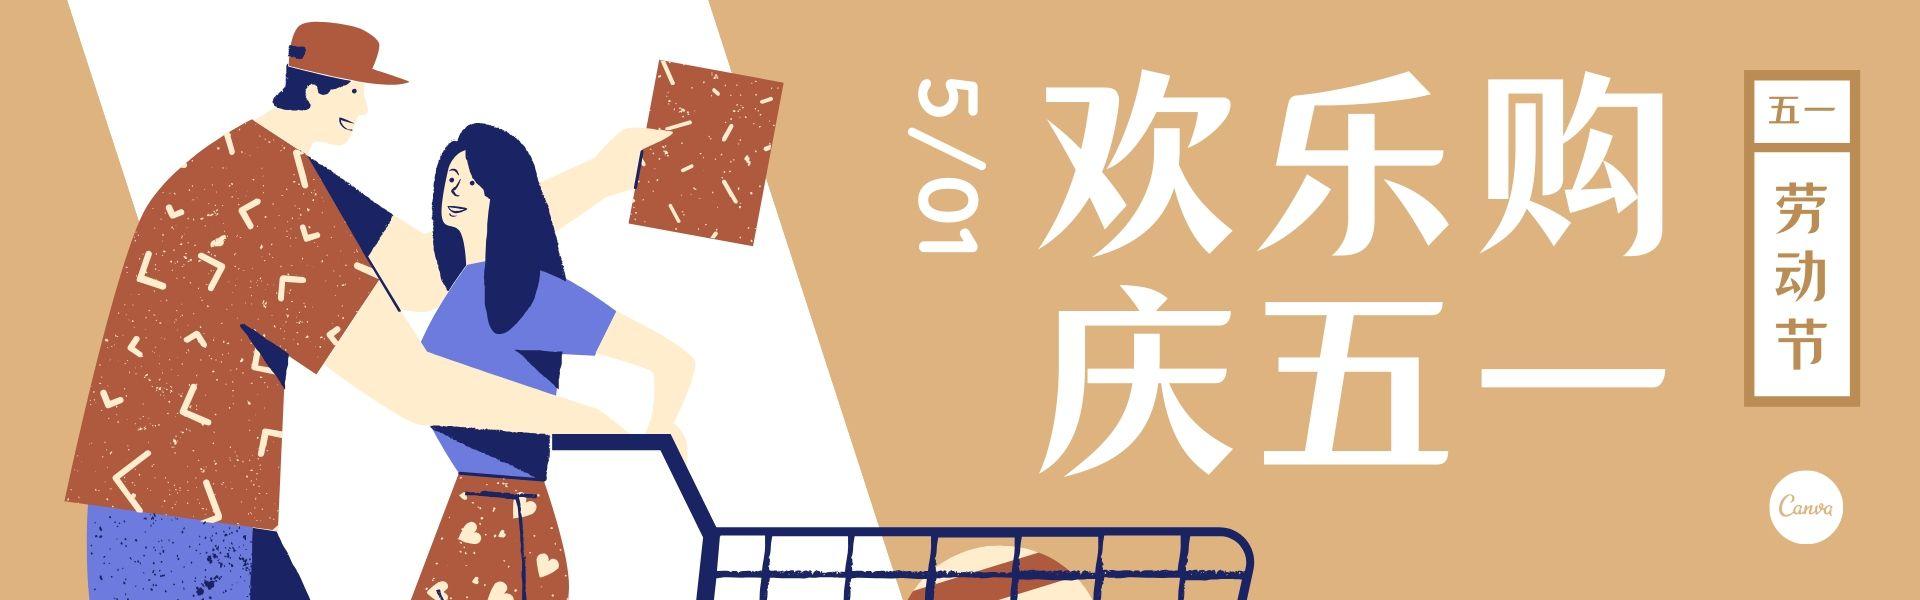 劳动节电商Banner